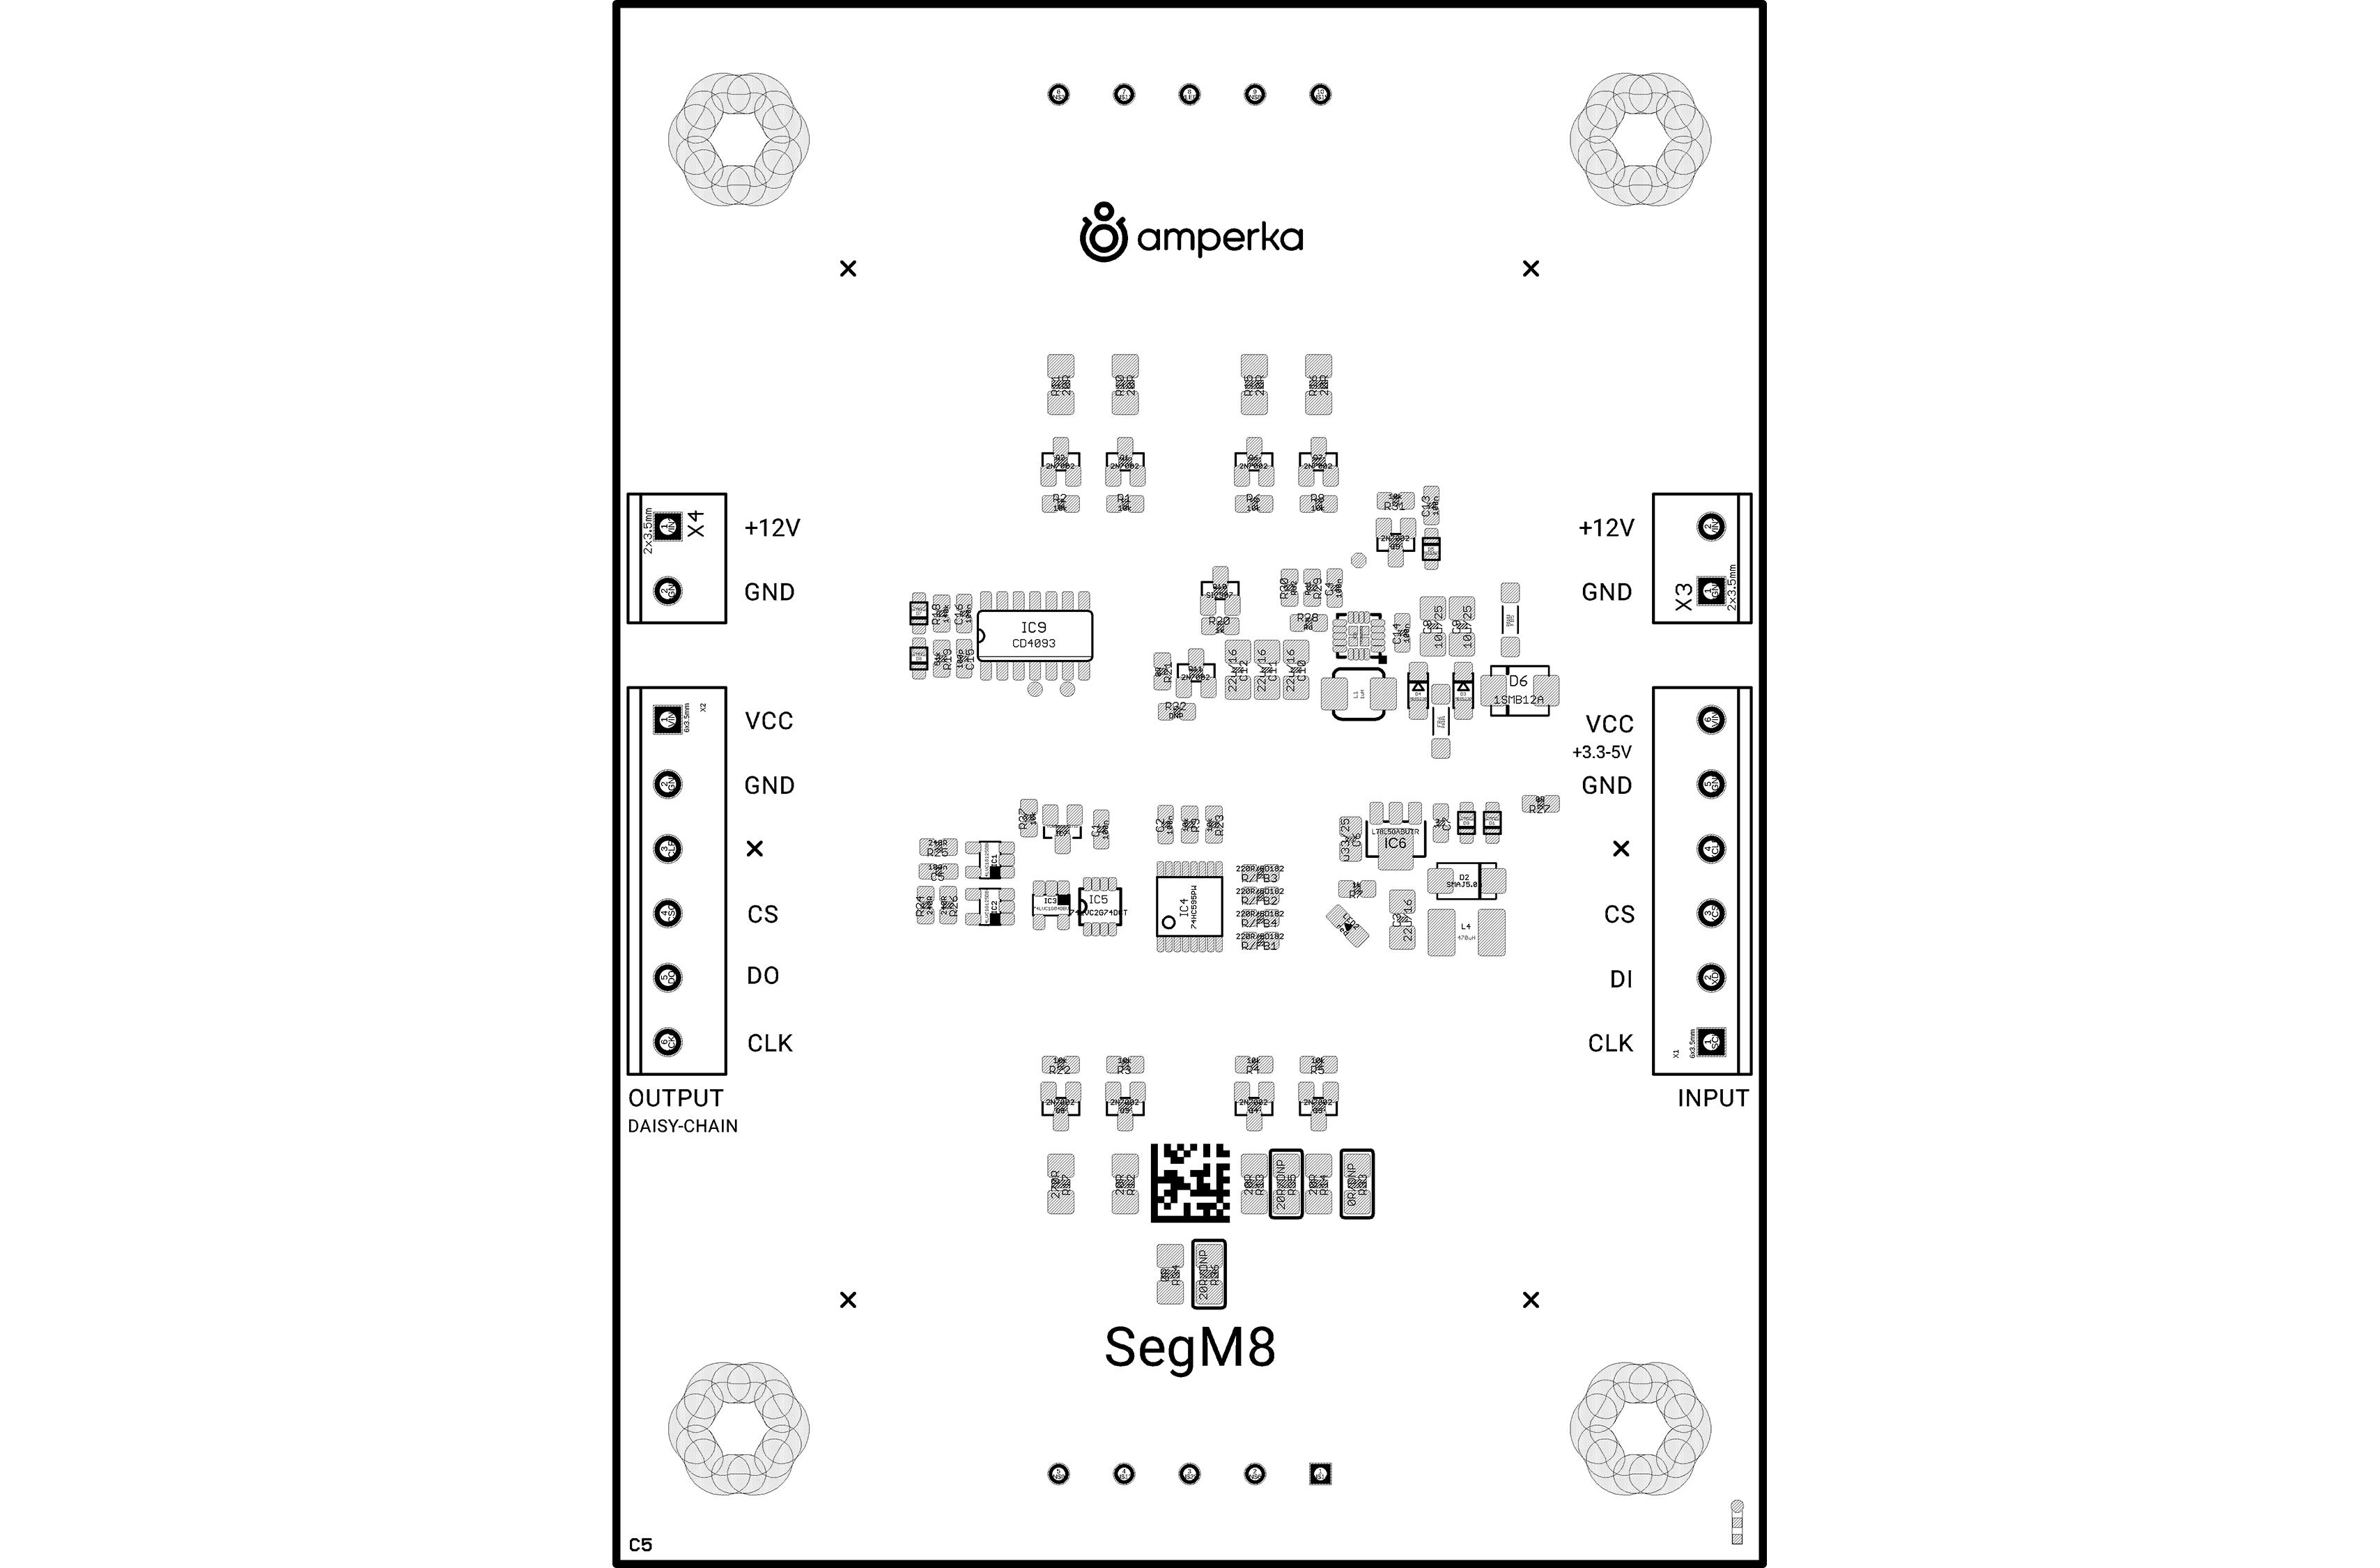 segm8 component layout